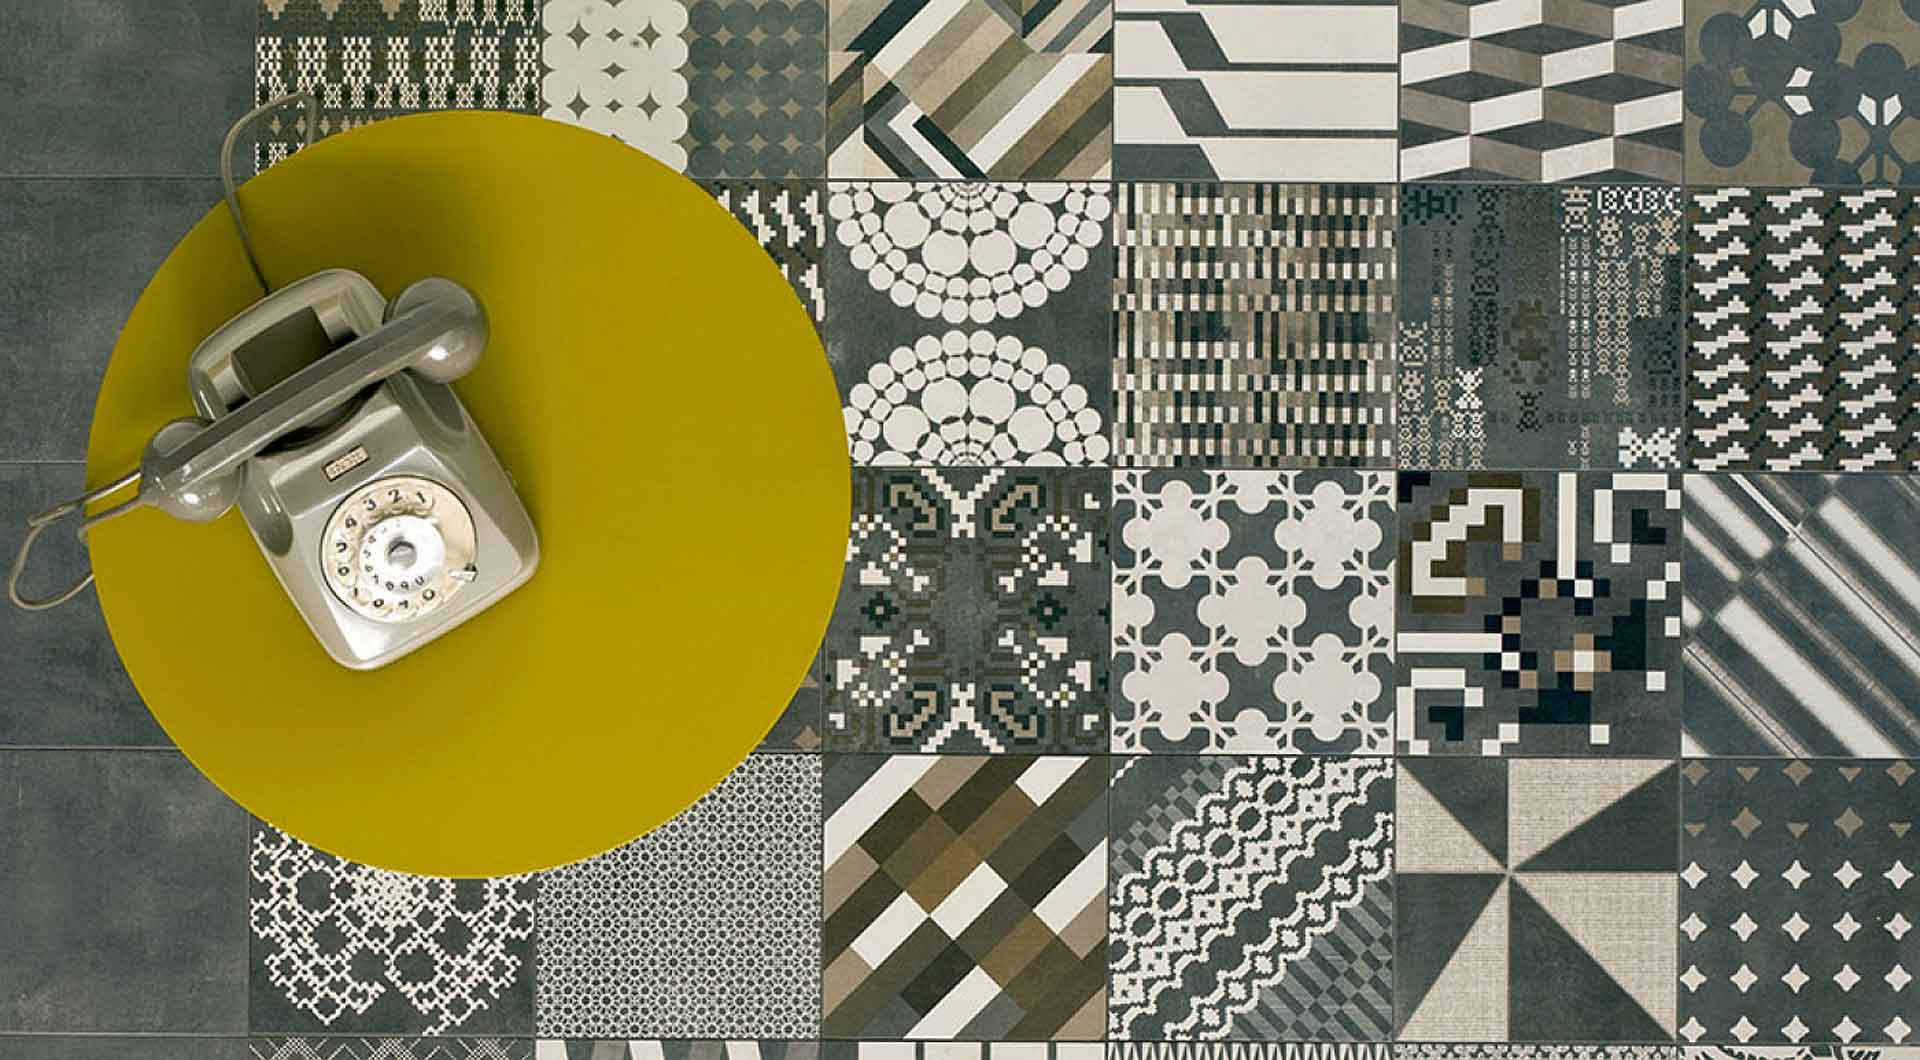 mutina-rivestimento-ceramico-di-altissimo-design-vissionabile-presso-natalucci-show-room-jesi